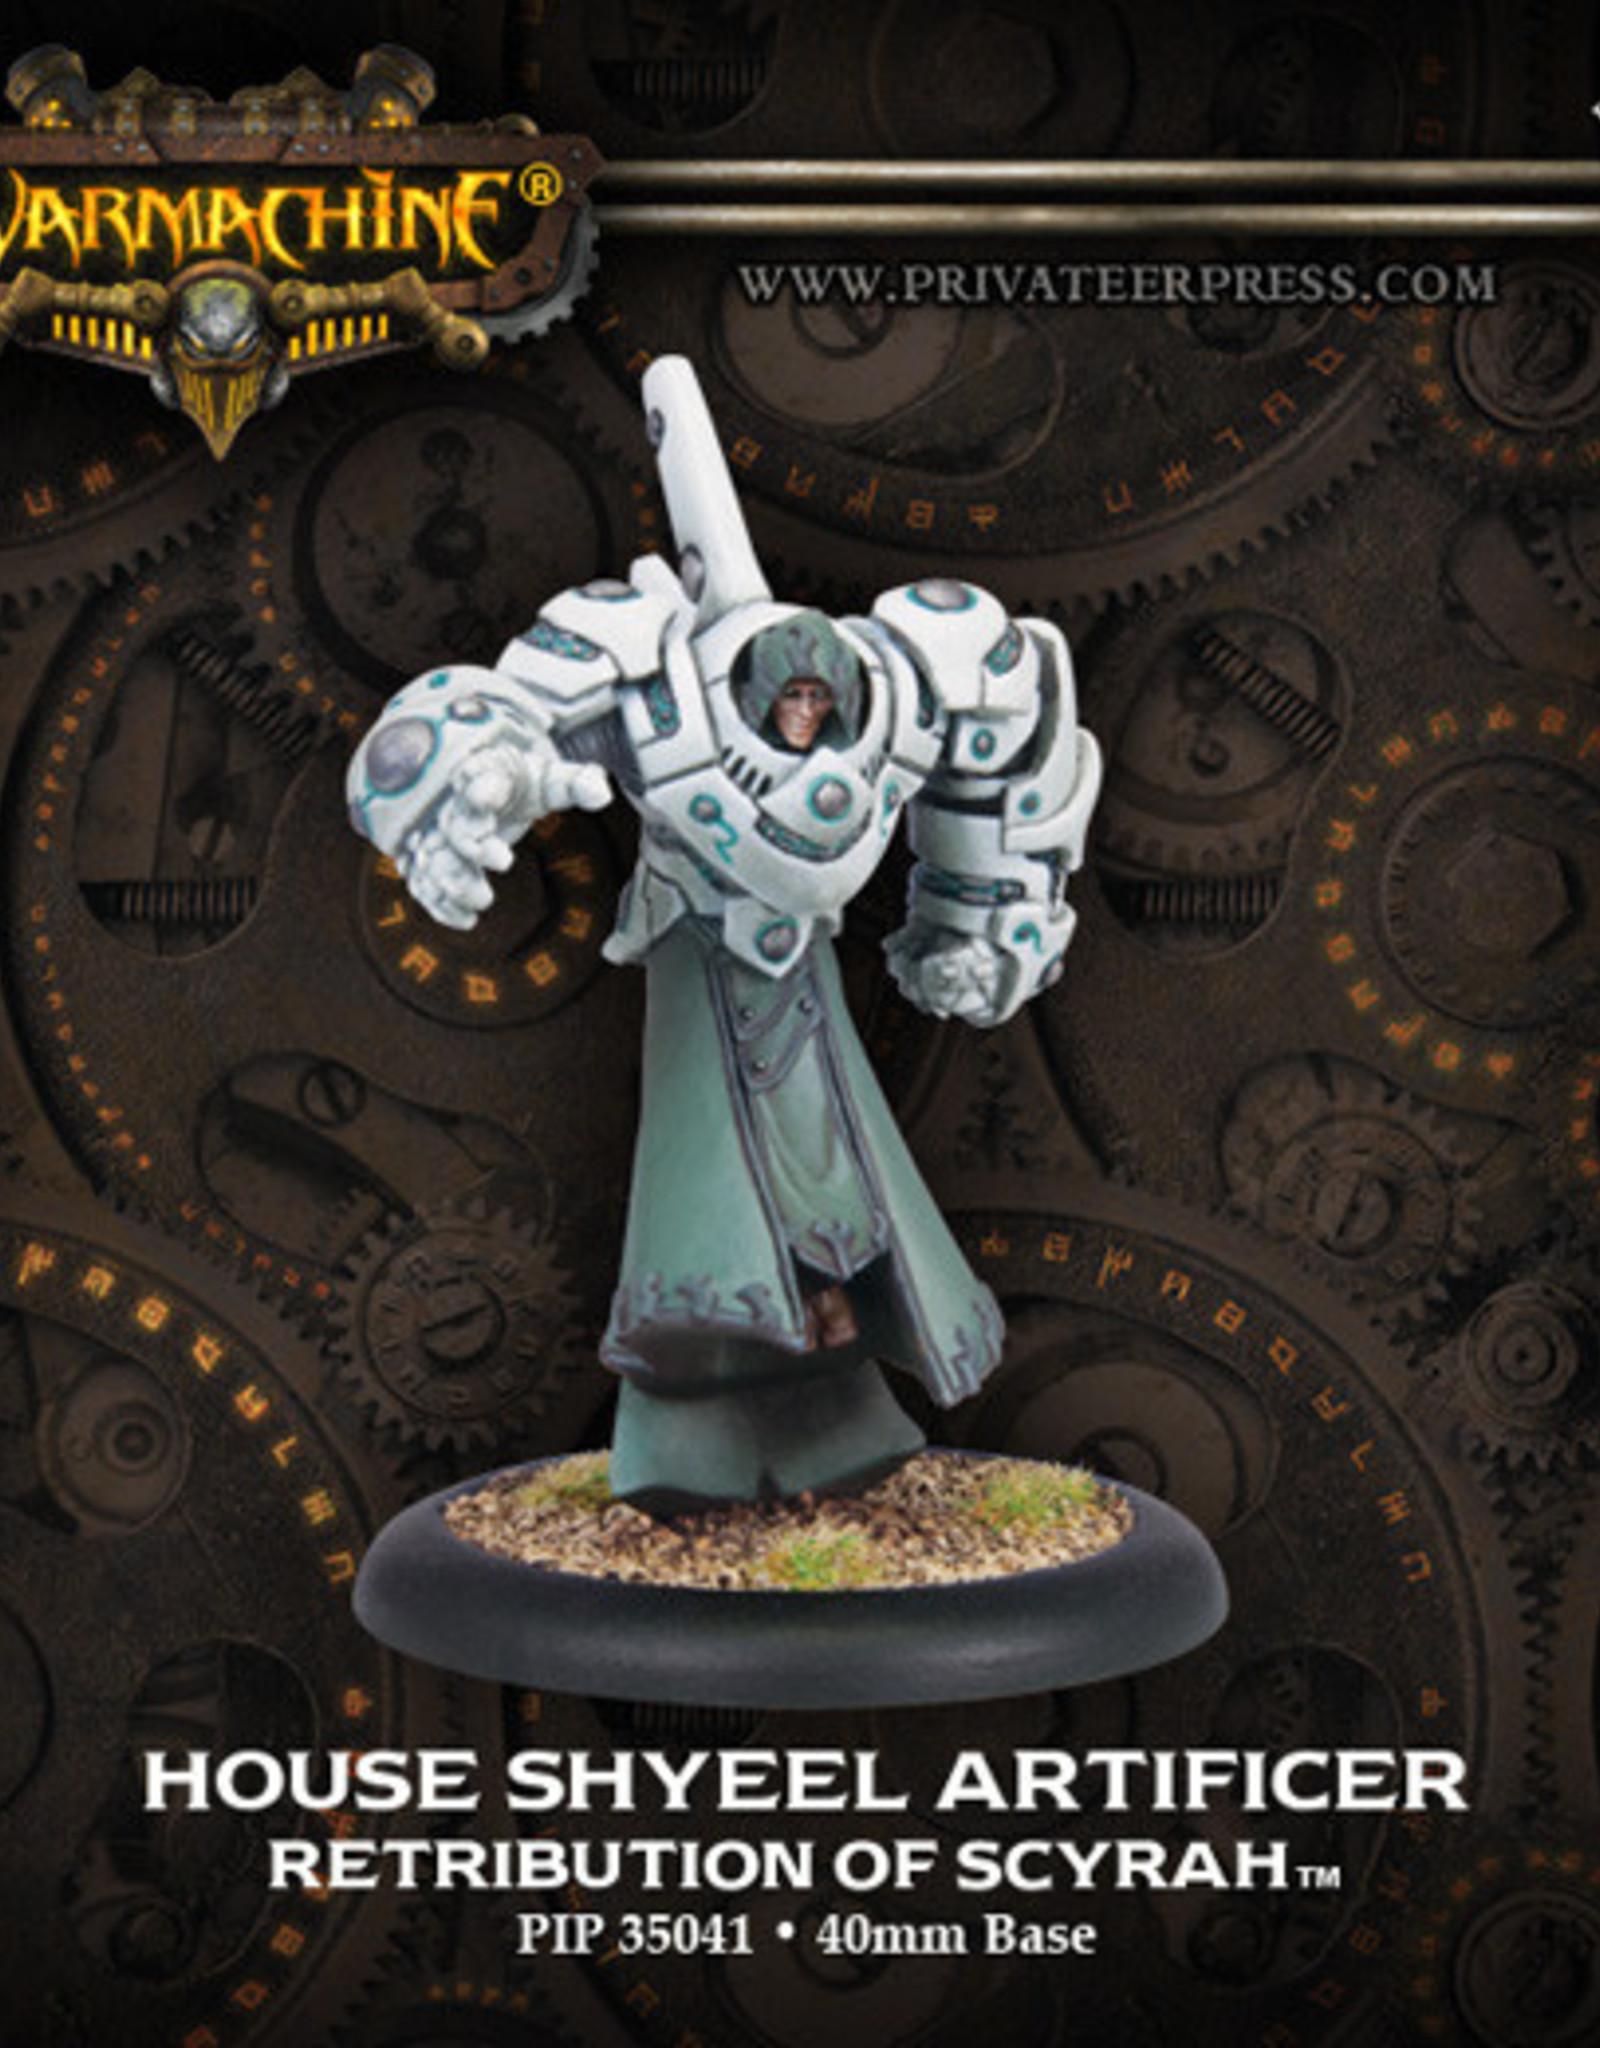 Warmachine Scyrah - Shyeel Artificer